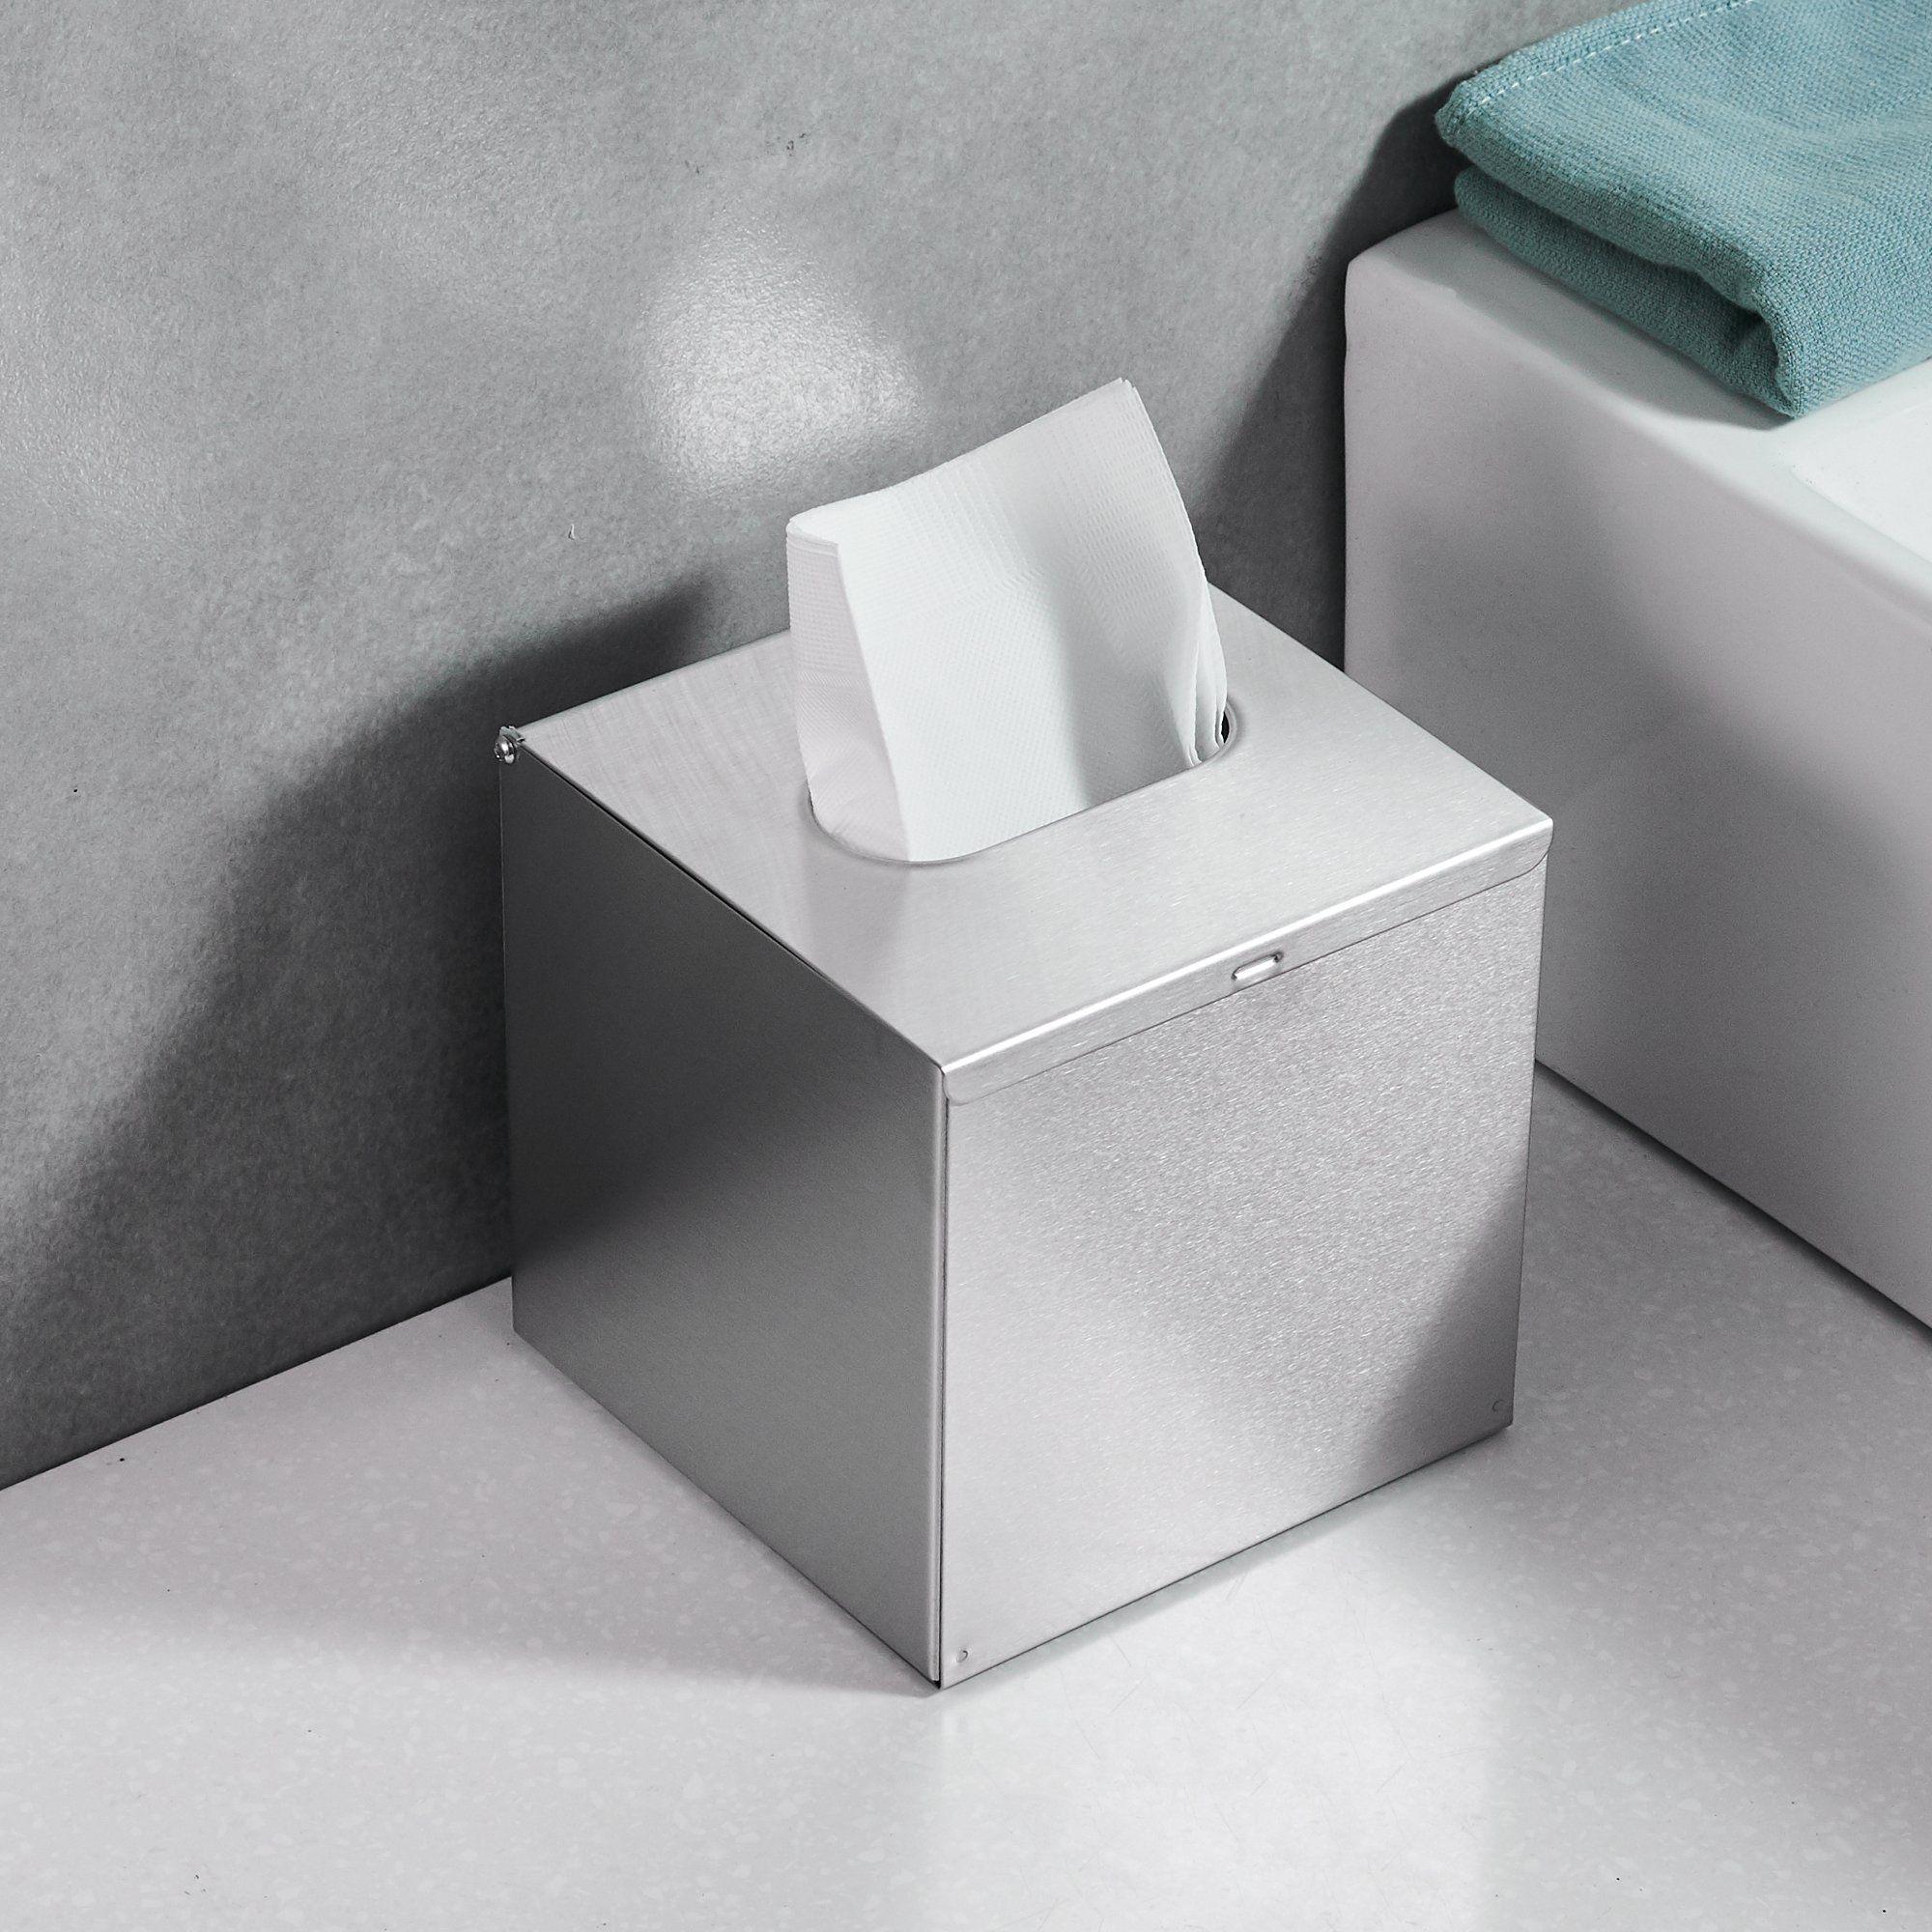 Junsun Square Paper Facial Tissue Box Cover Napkin Holder Tissue